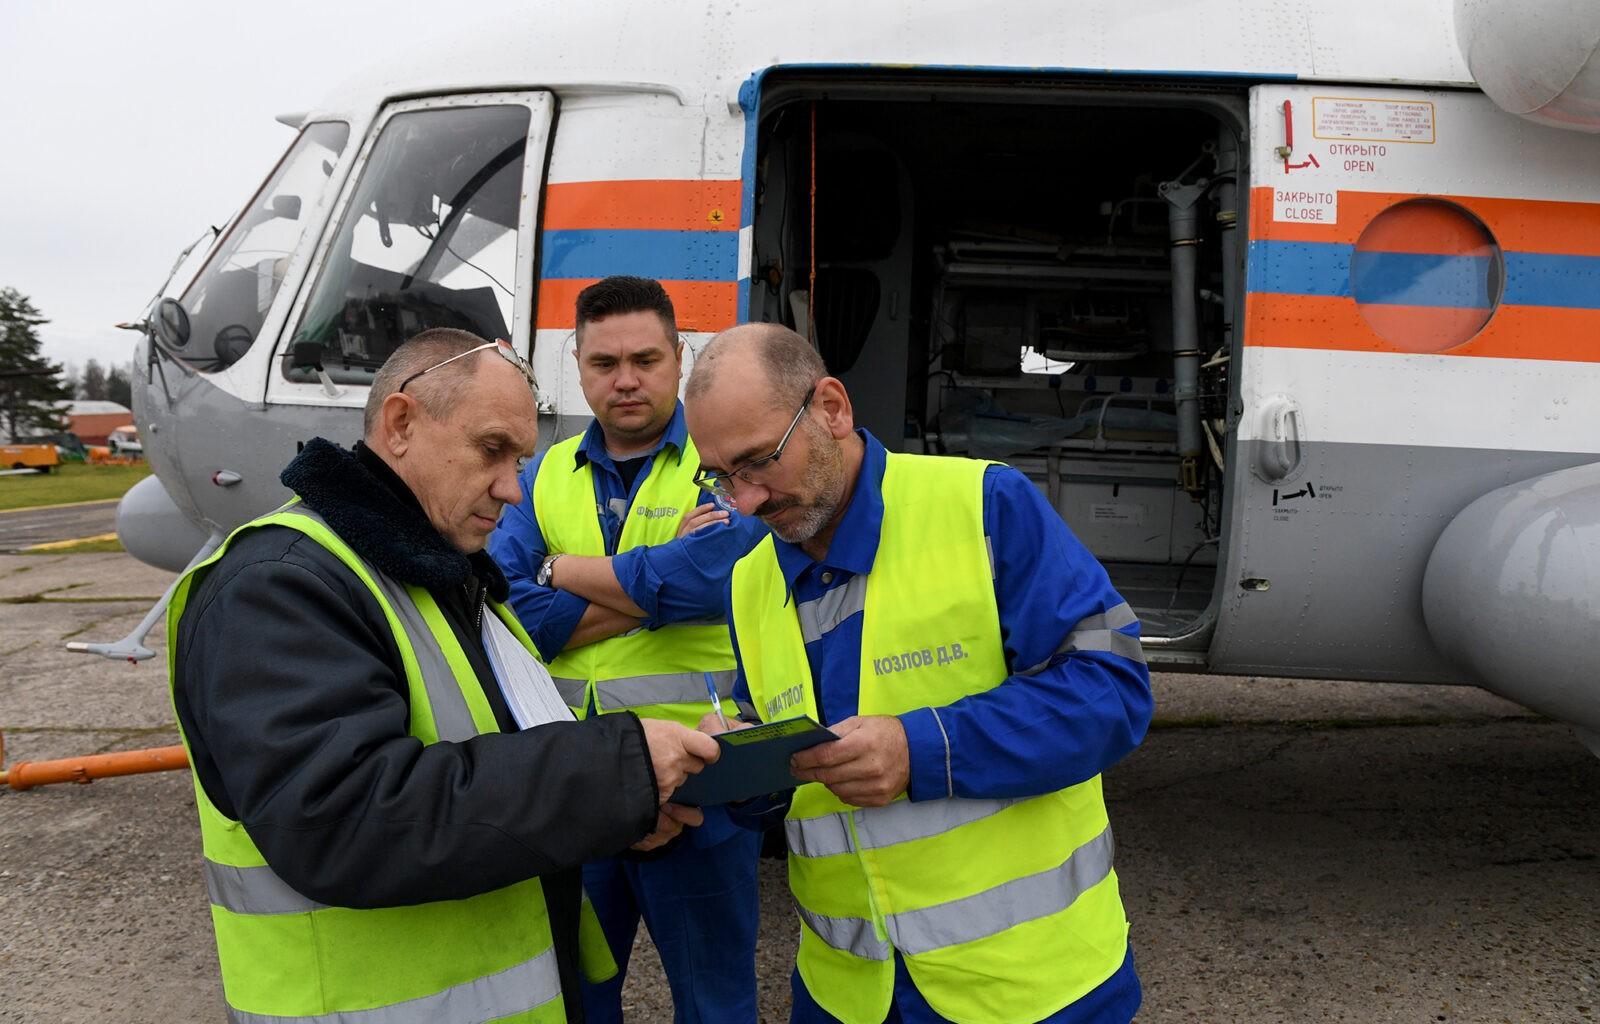 Вертолёт санавиции с бригадой медиков на борту экстренно доставил пациента из Бежецка в Тверь